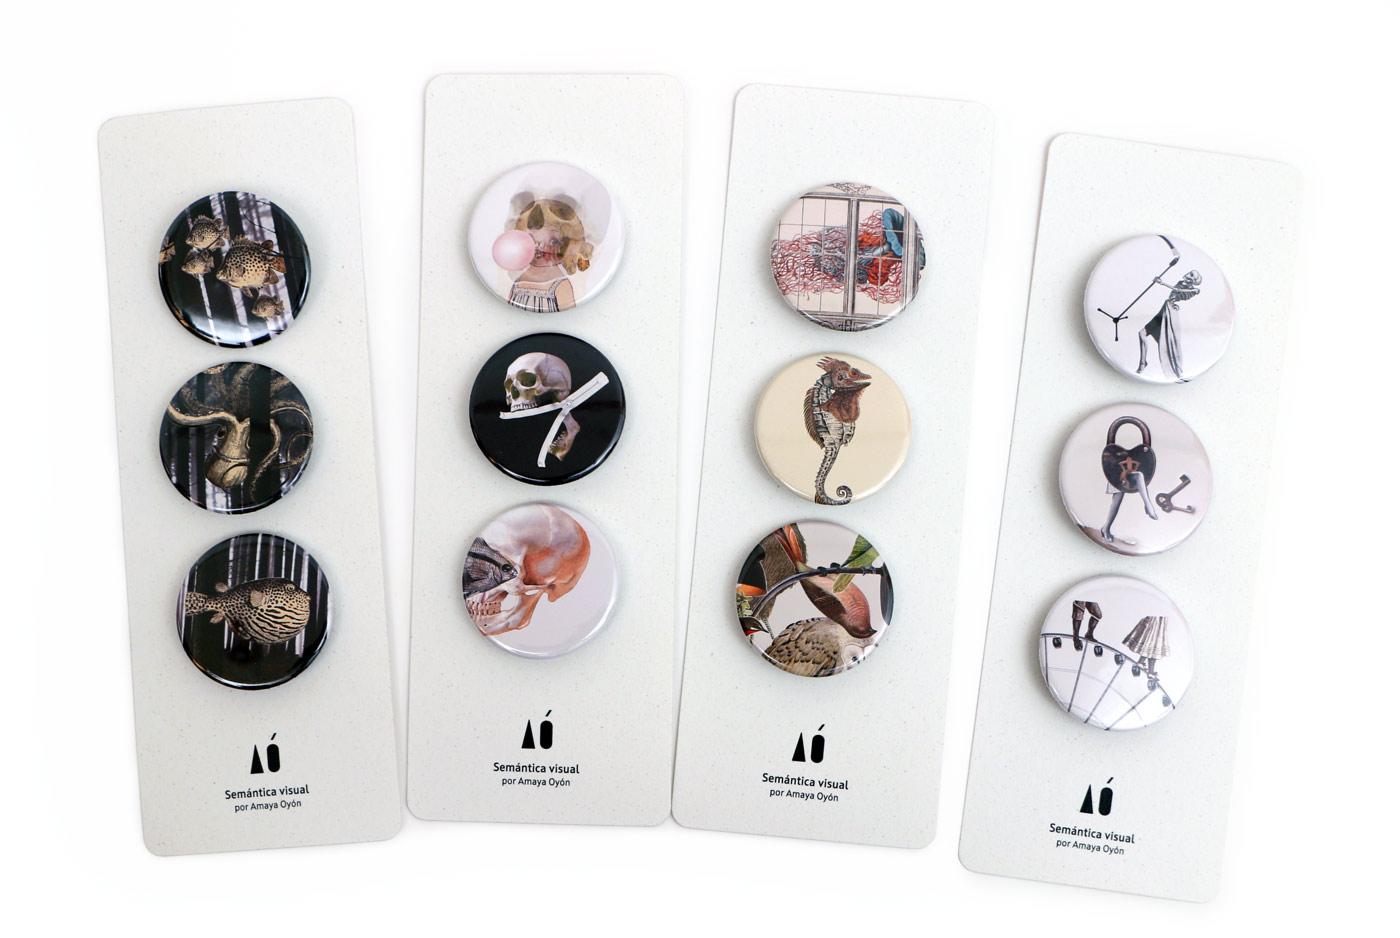 colección de chapas de collages de Amaya Oyón